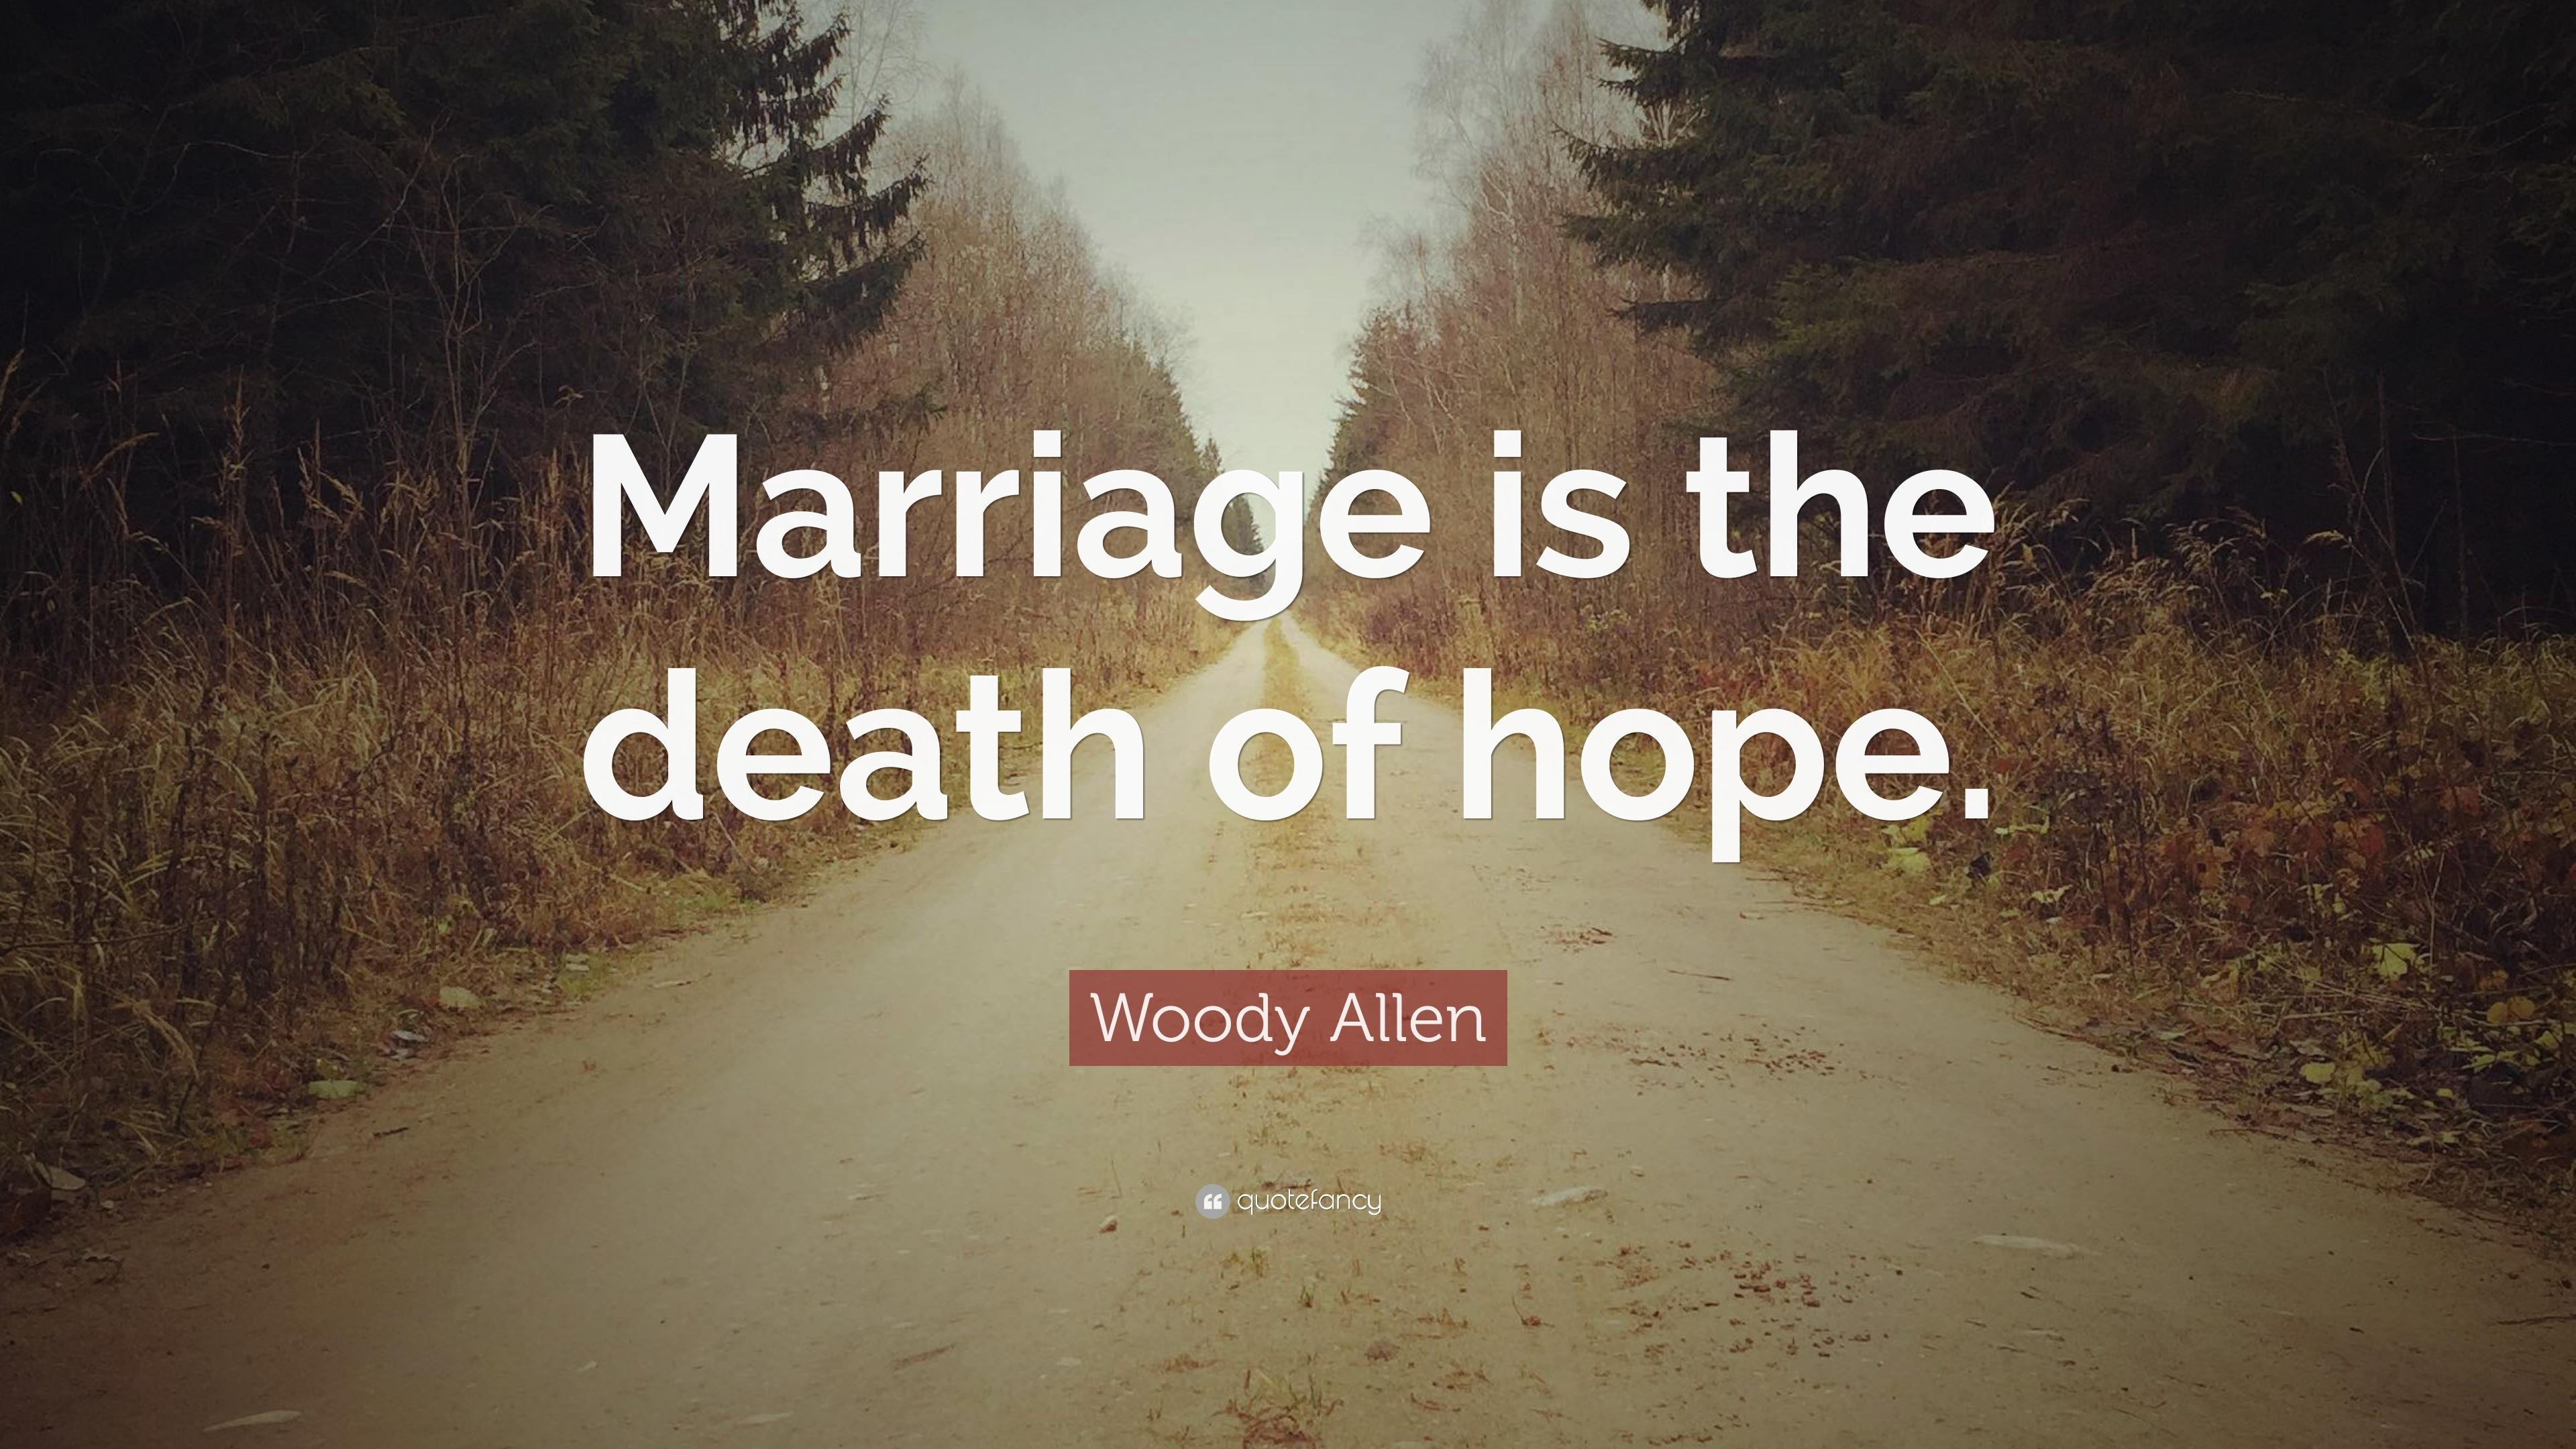 woody allen quotes 100 wallpapers quotefancy